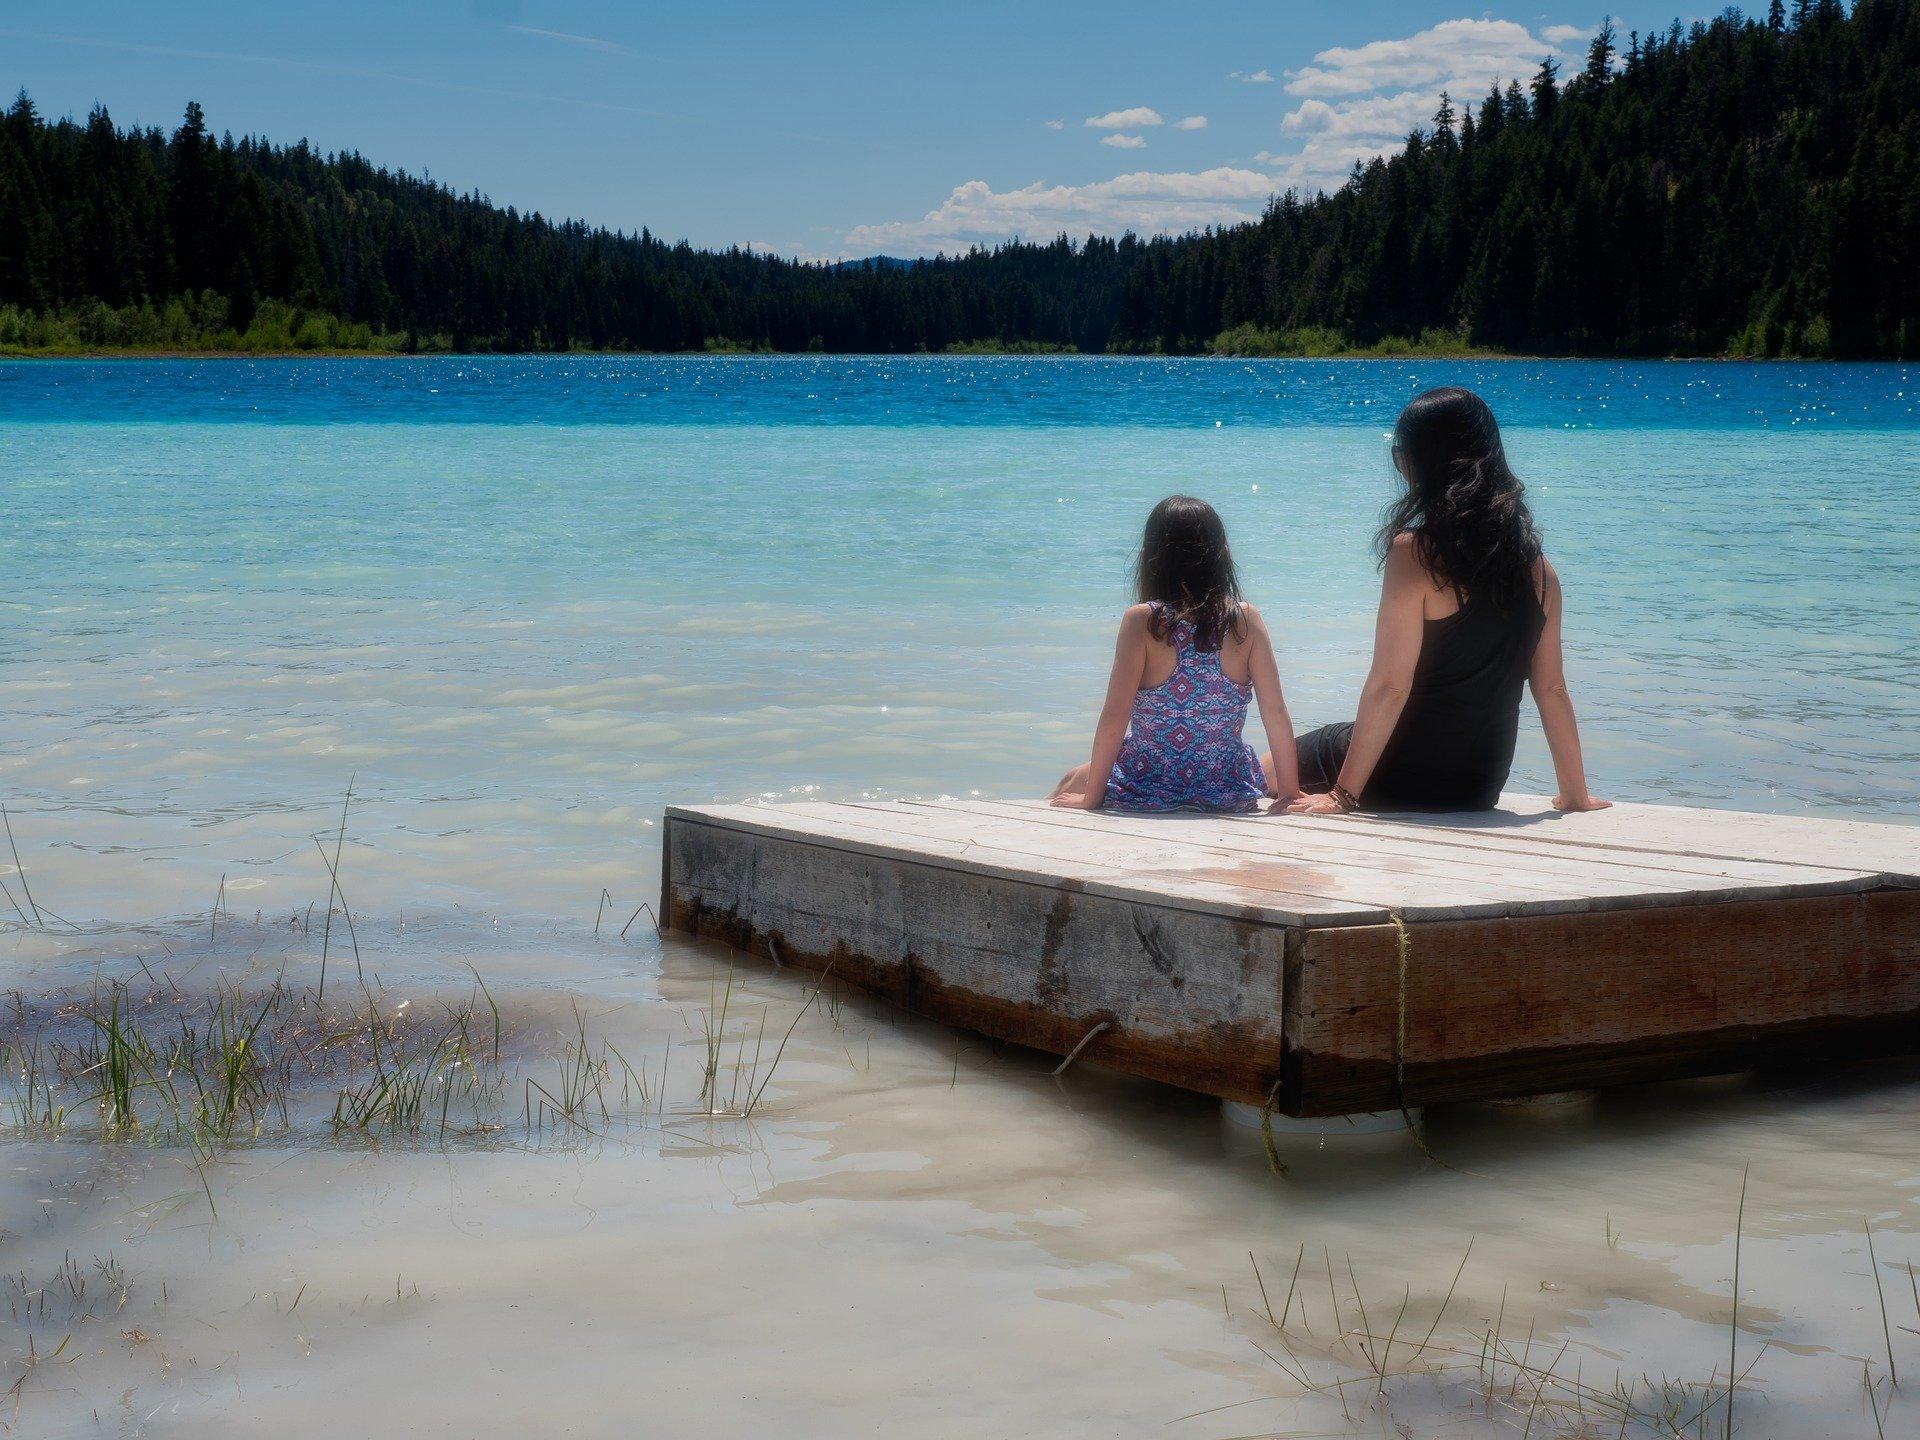 una donna e una bambina di spalle sedute davanti a un lago